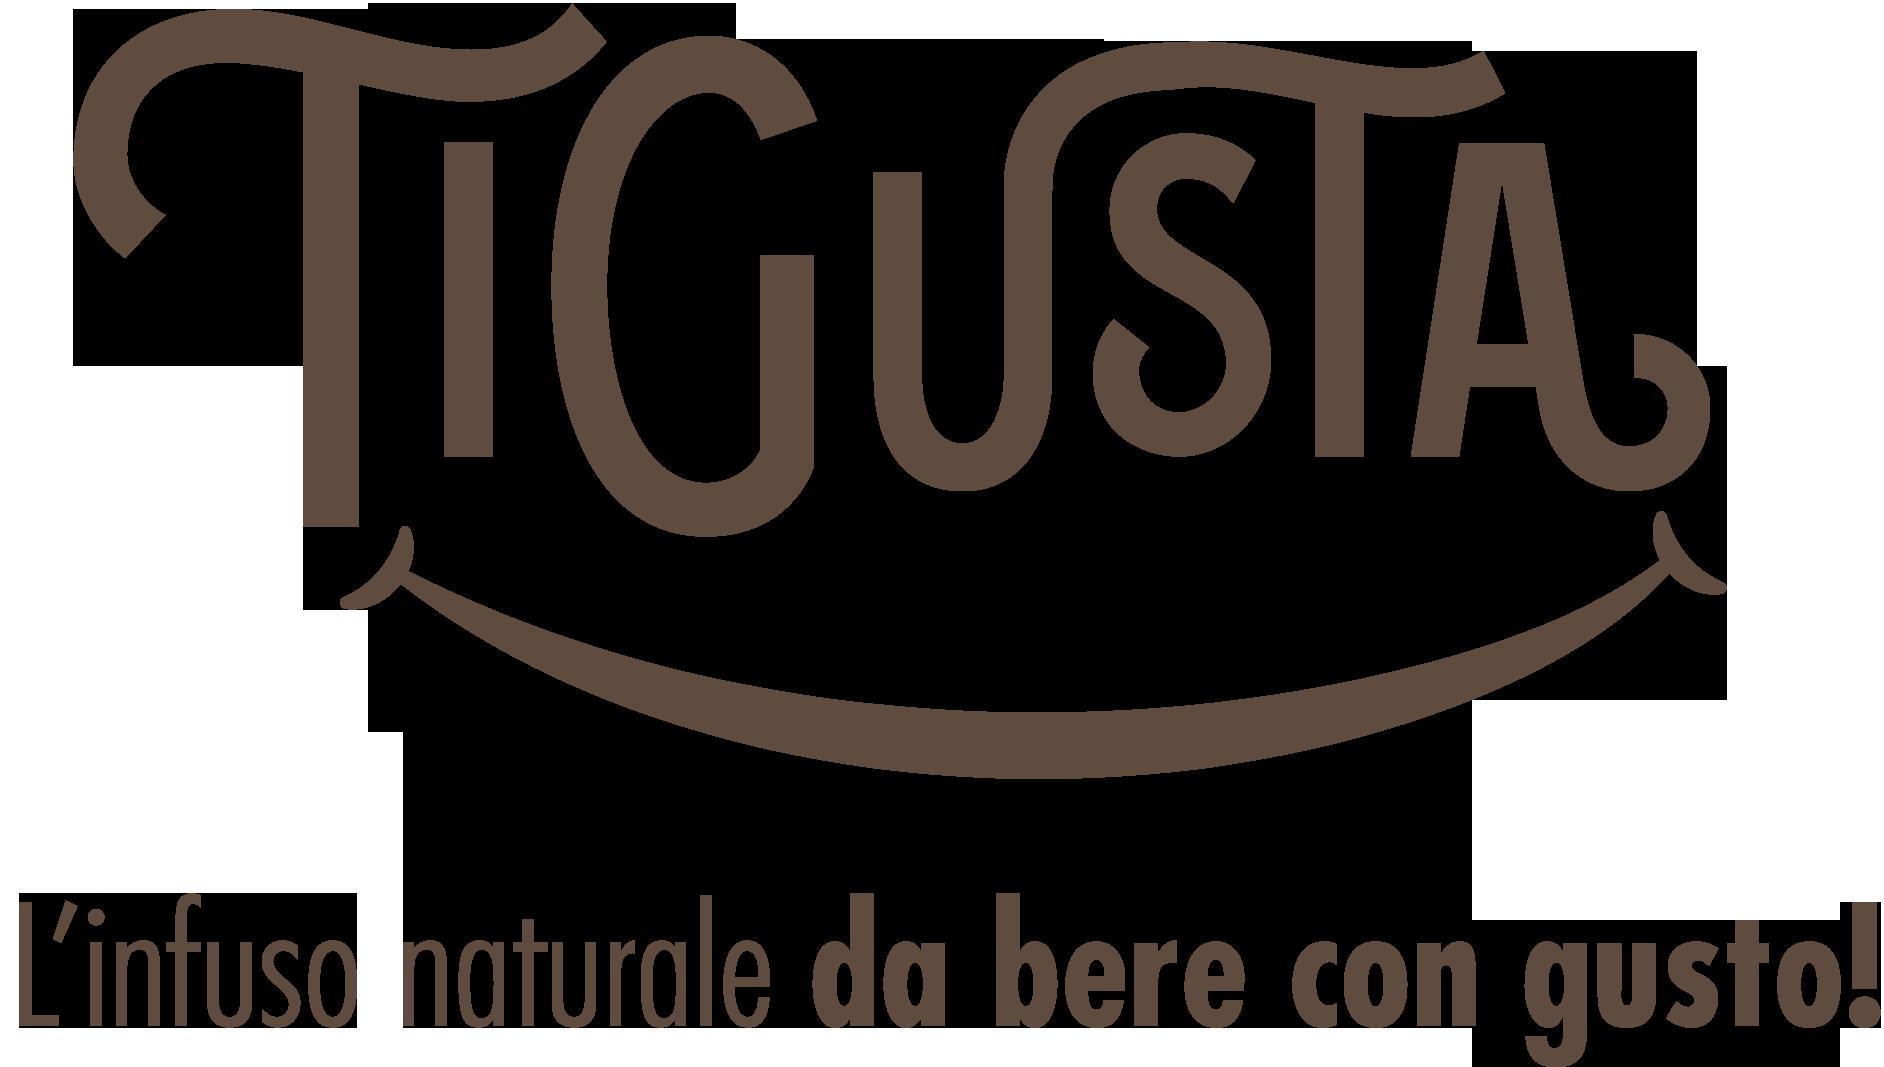 TiGusta